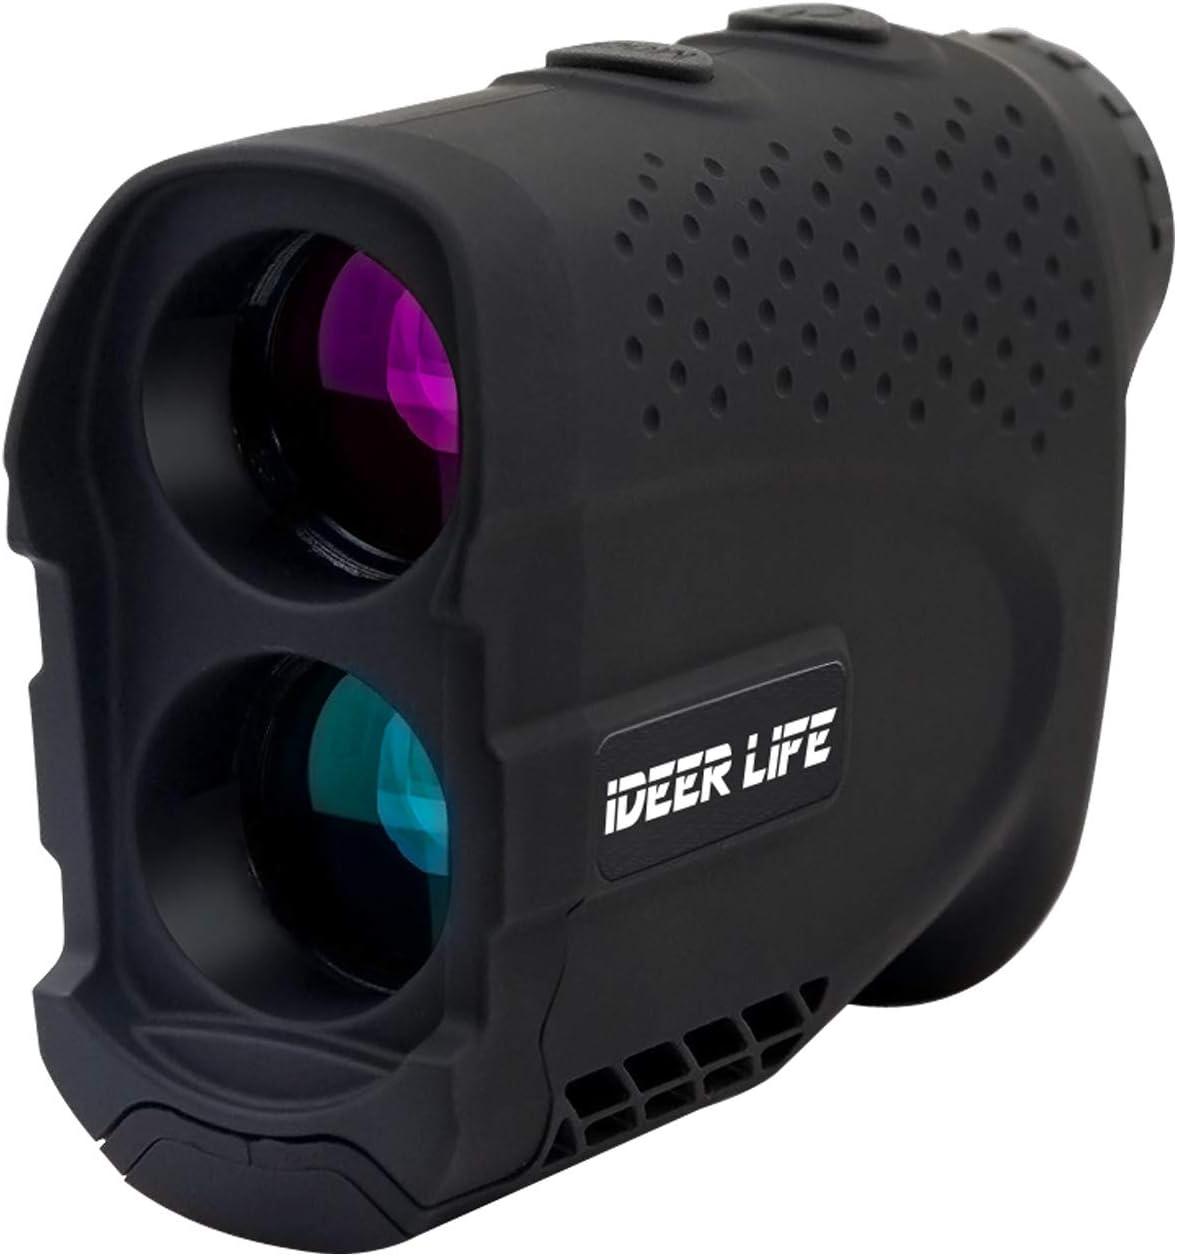 Golf Rangefinder, 6X Golf Laser Rangefinder 900 Yards with Fast Flag-Lock,Slope Tech, 4 Scan Mode,Angle Speed Measurement,Tournament Legal Golf Rangefinder range finder for Golf Hunting Outdoor.IDEER